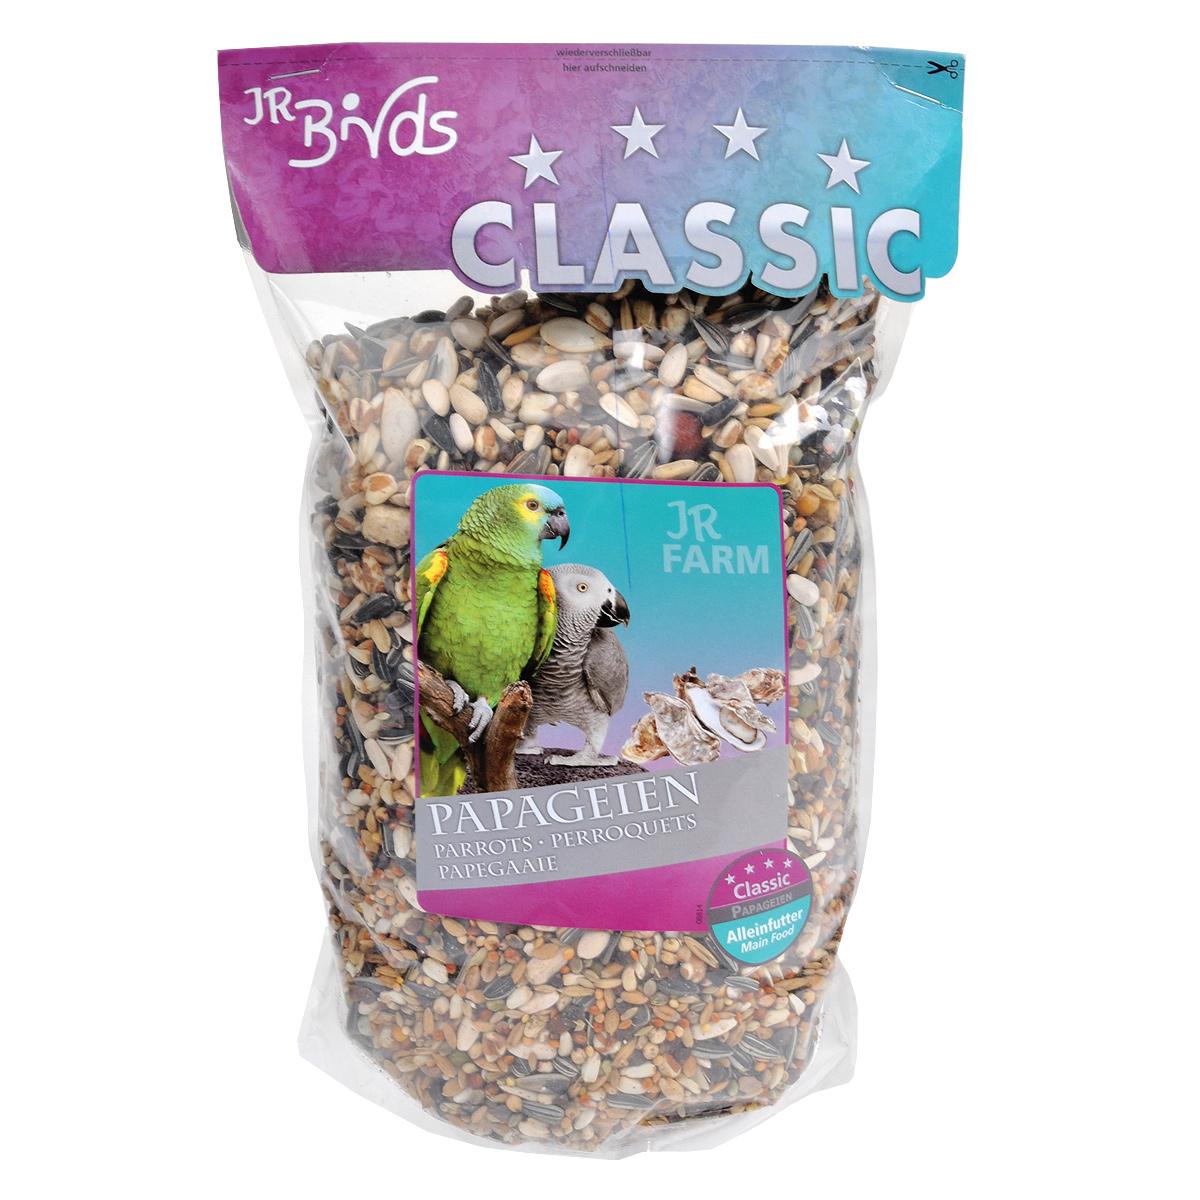 Корм для попугаев JR Farm Classic, 1 кг08400Корм JR Farm Classic - это полностью сбалансированный корм для попугаев. В состав добавлены раковины устриц для обеспечения кальций-фосфорного баланса, а также все необходимые витамины и микроэлементы. Корм предназначен для всех африканских серых попугаев, амазонских попугаев, какаду, неразлучников и других попугаев. Рекомендации по кормлению: ежедневно насыпайте корм в количестве 5% от массы тела птицы. Состав: кардиган, сорго обыкновенное, полосатые семена подсолнечника, Манна просо, канареечное семя, Ла Плат просо, зерно, гречневая крупа, Мило, пшеница, рис Пэдди, плющеный овес, семя конопли, бобы, белые семена подсолнечника, овес неочищенный, горох, шиповник, раковины устрицы (2 %), воздушная пшеница, тыквенные семена. Основной анализ: белки 13.8 %, жиры 13.3 %, клетчатка 5.9 %, зола 4.5 %, влажность 10.3 %, кальций 0.9 %, фосфор 0.5 %. Содержание витаминов на кг: витамин А 8000 МЕ, витамин D3 1000 МЕ, витамин E 25 мг, медь на 10 мг...